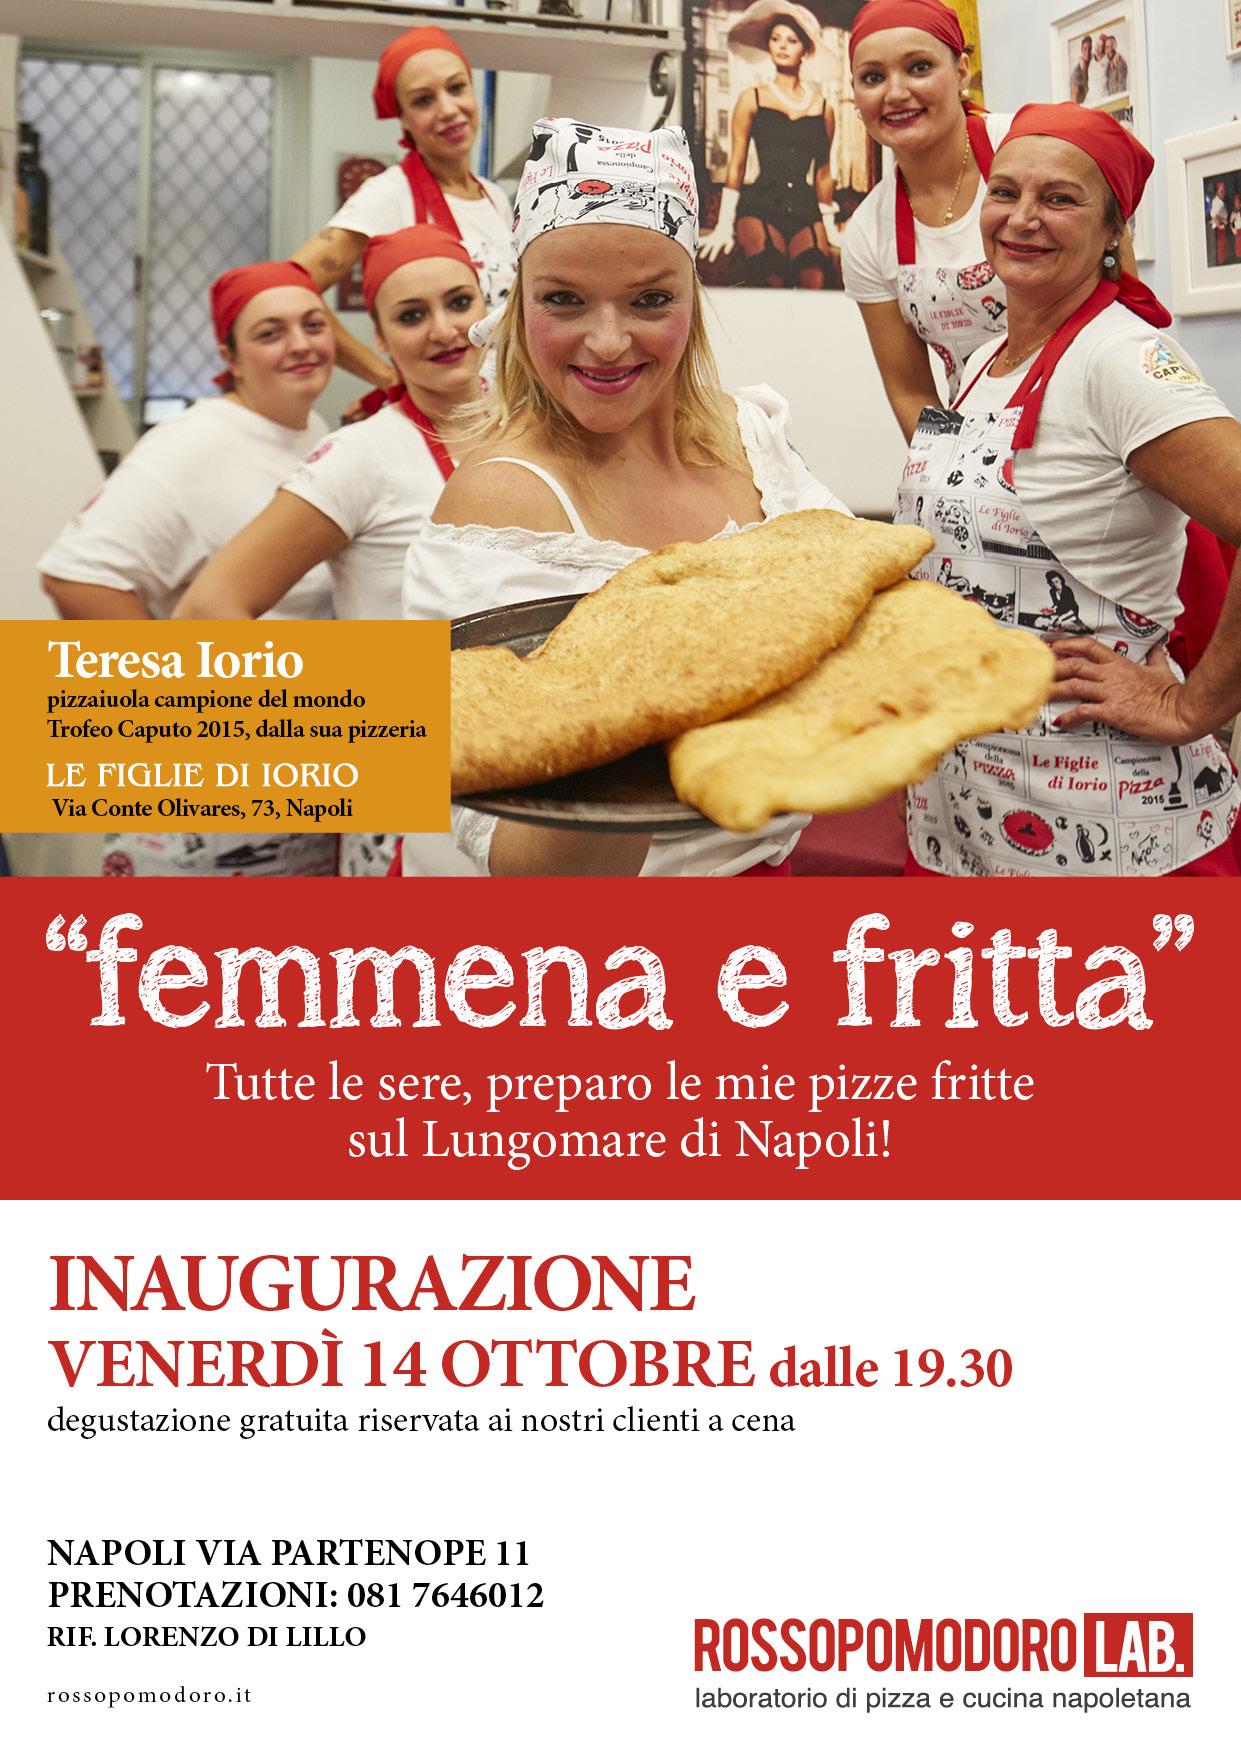 invito_teresa_iorio_pizzafritta_partenope